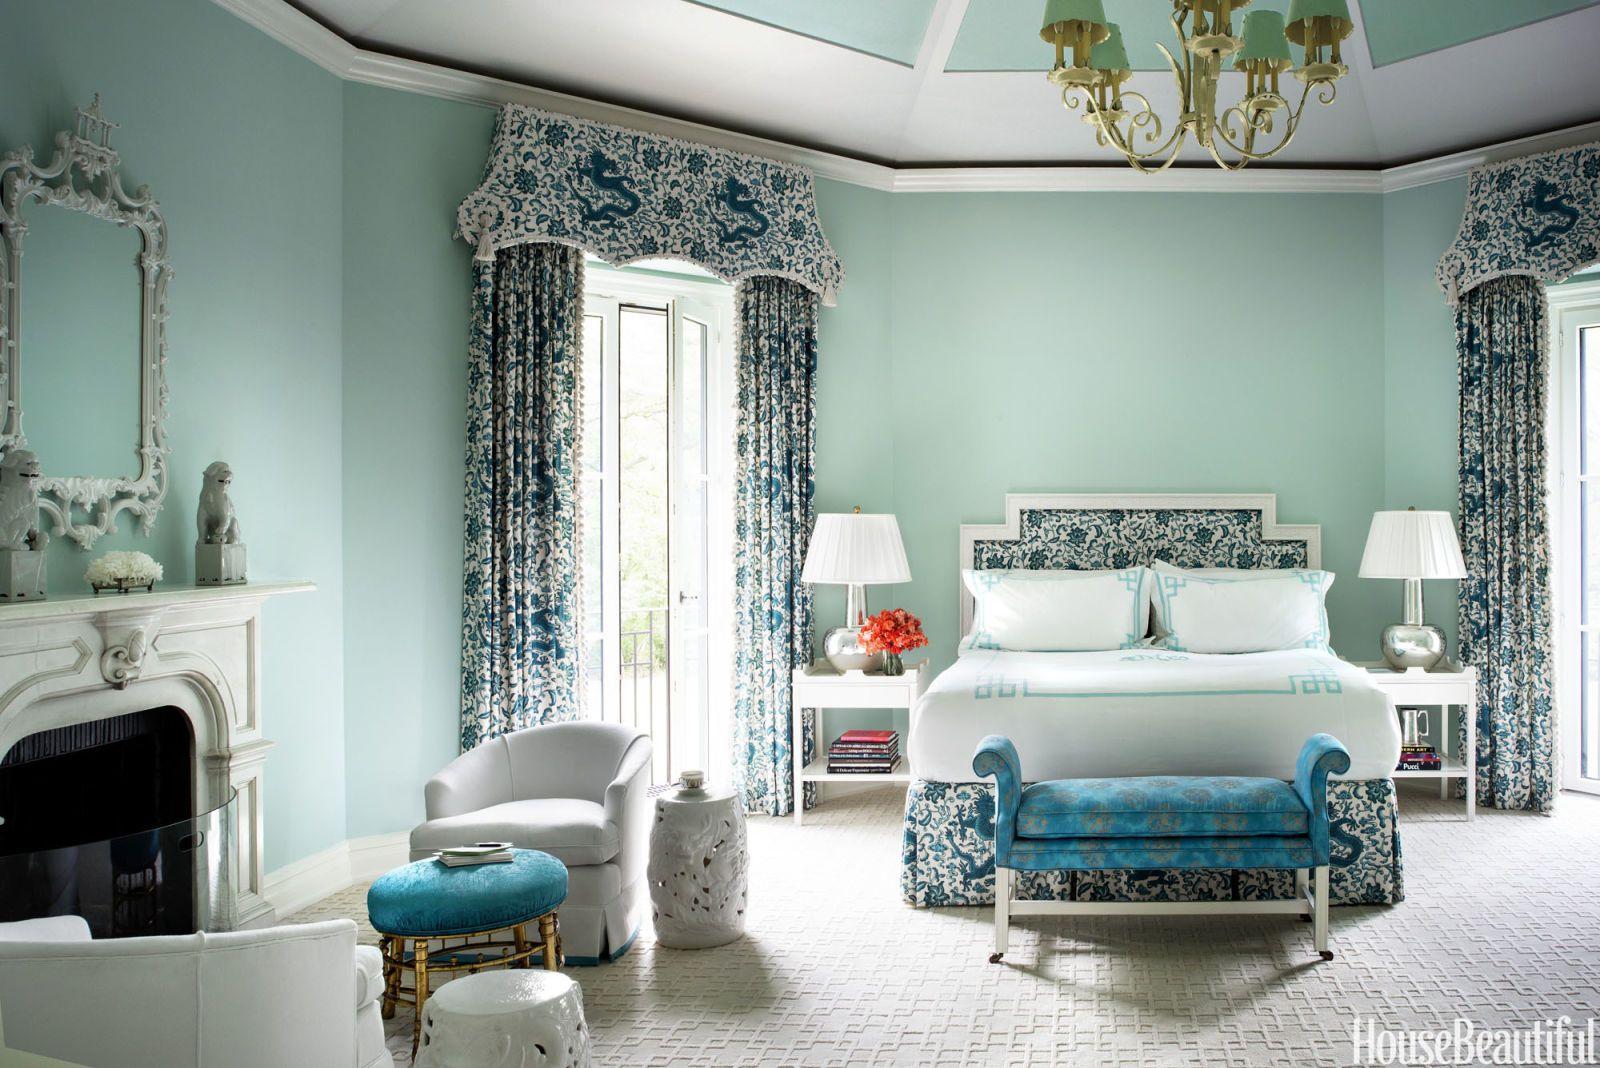 Colori Della Parete Camera Da Letto : Cosa dice di te il colore della tua camera da letto